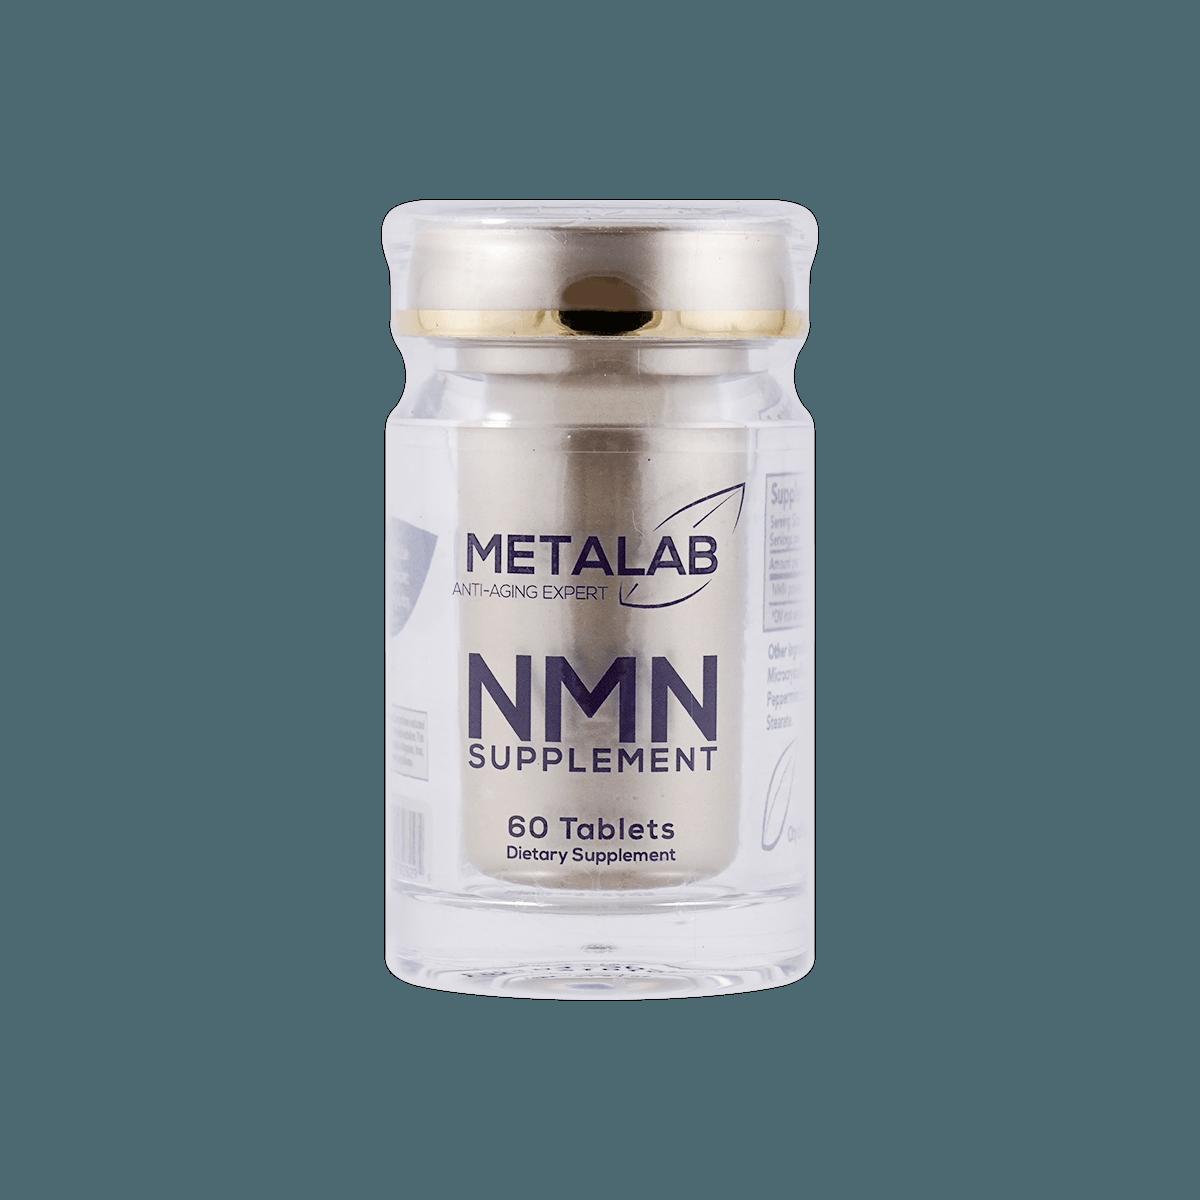 METALAB NMN 逆龄丸 抗衰老美容养颜 99.99%高纯度尊享版 怎么样 - 亚米网